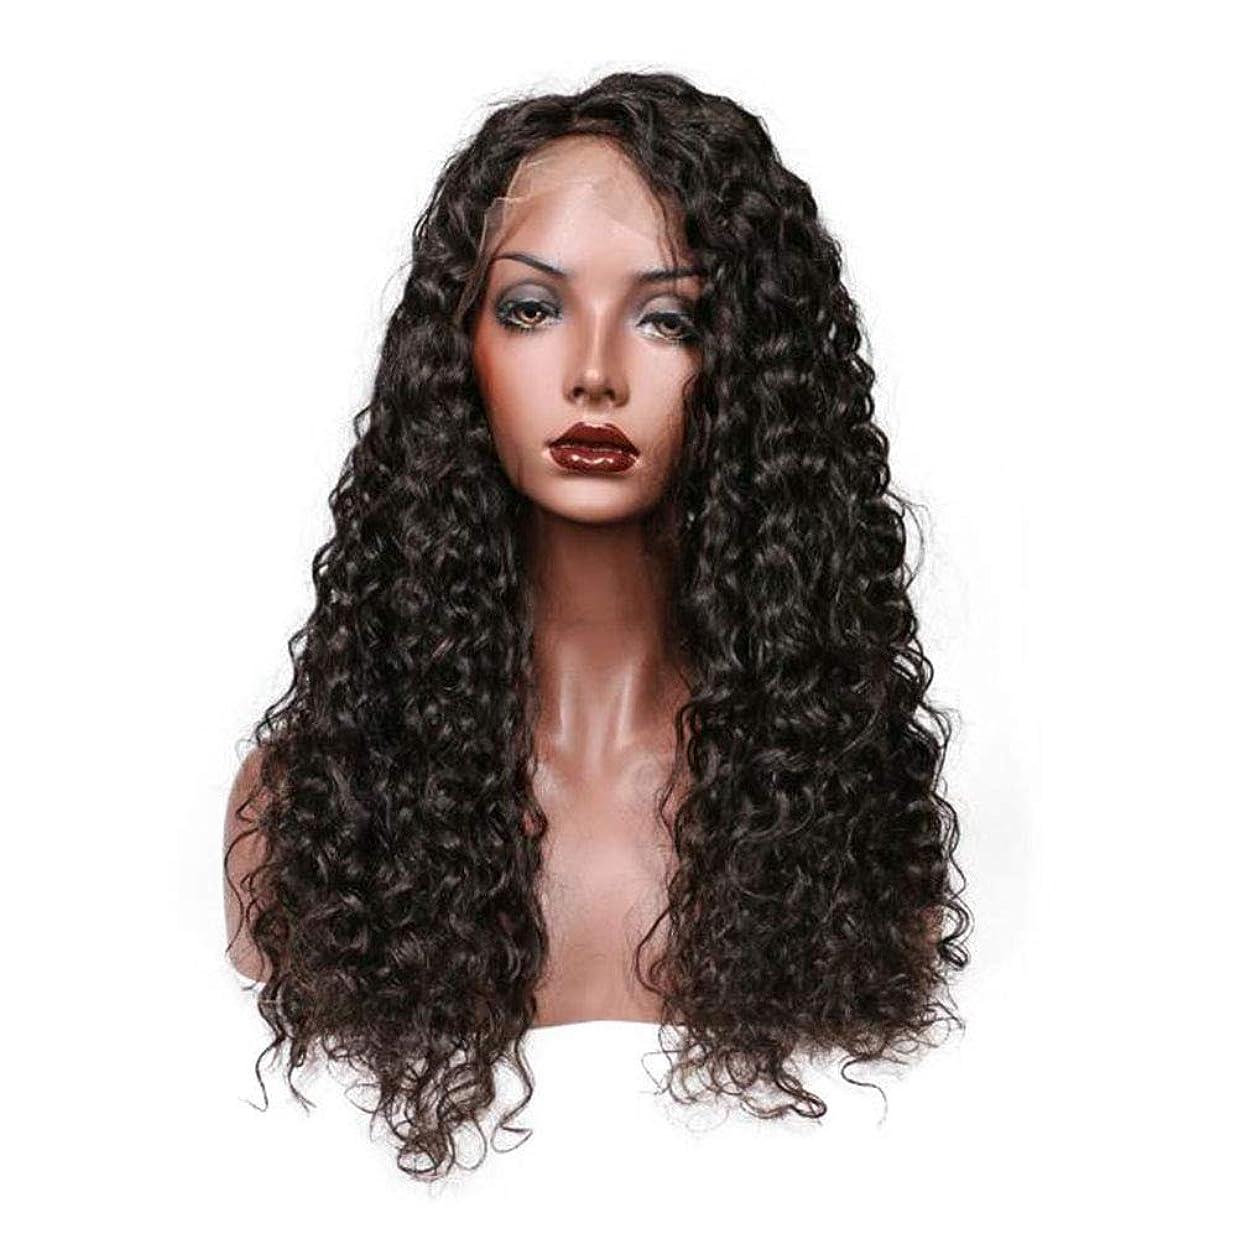 入手します感じディレクターレースフロントかつらディープカーリー人間の髪の毛130%密度天然バージンヘア、黒人女性用事前摘み取った未処理のバージン人毛ウィッグ,14inch